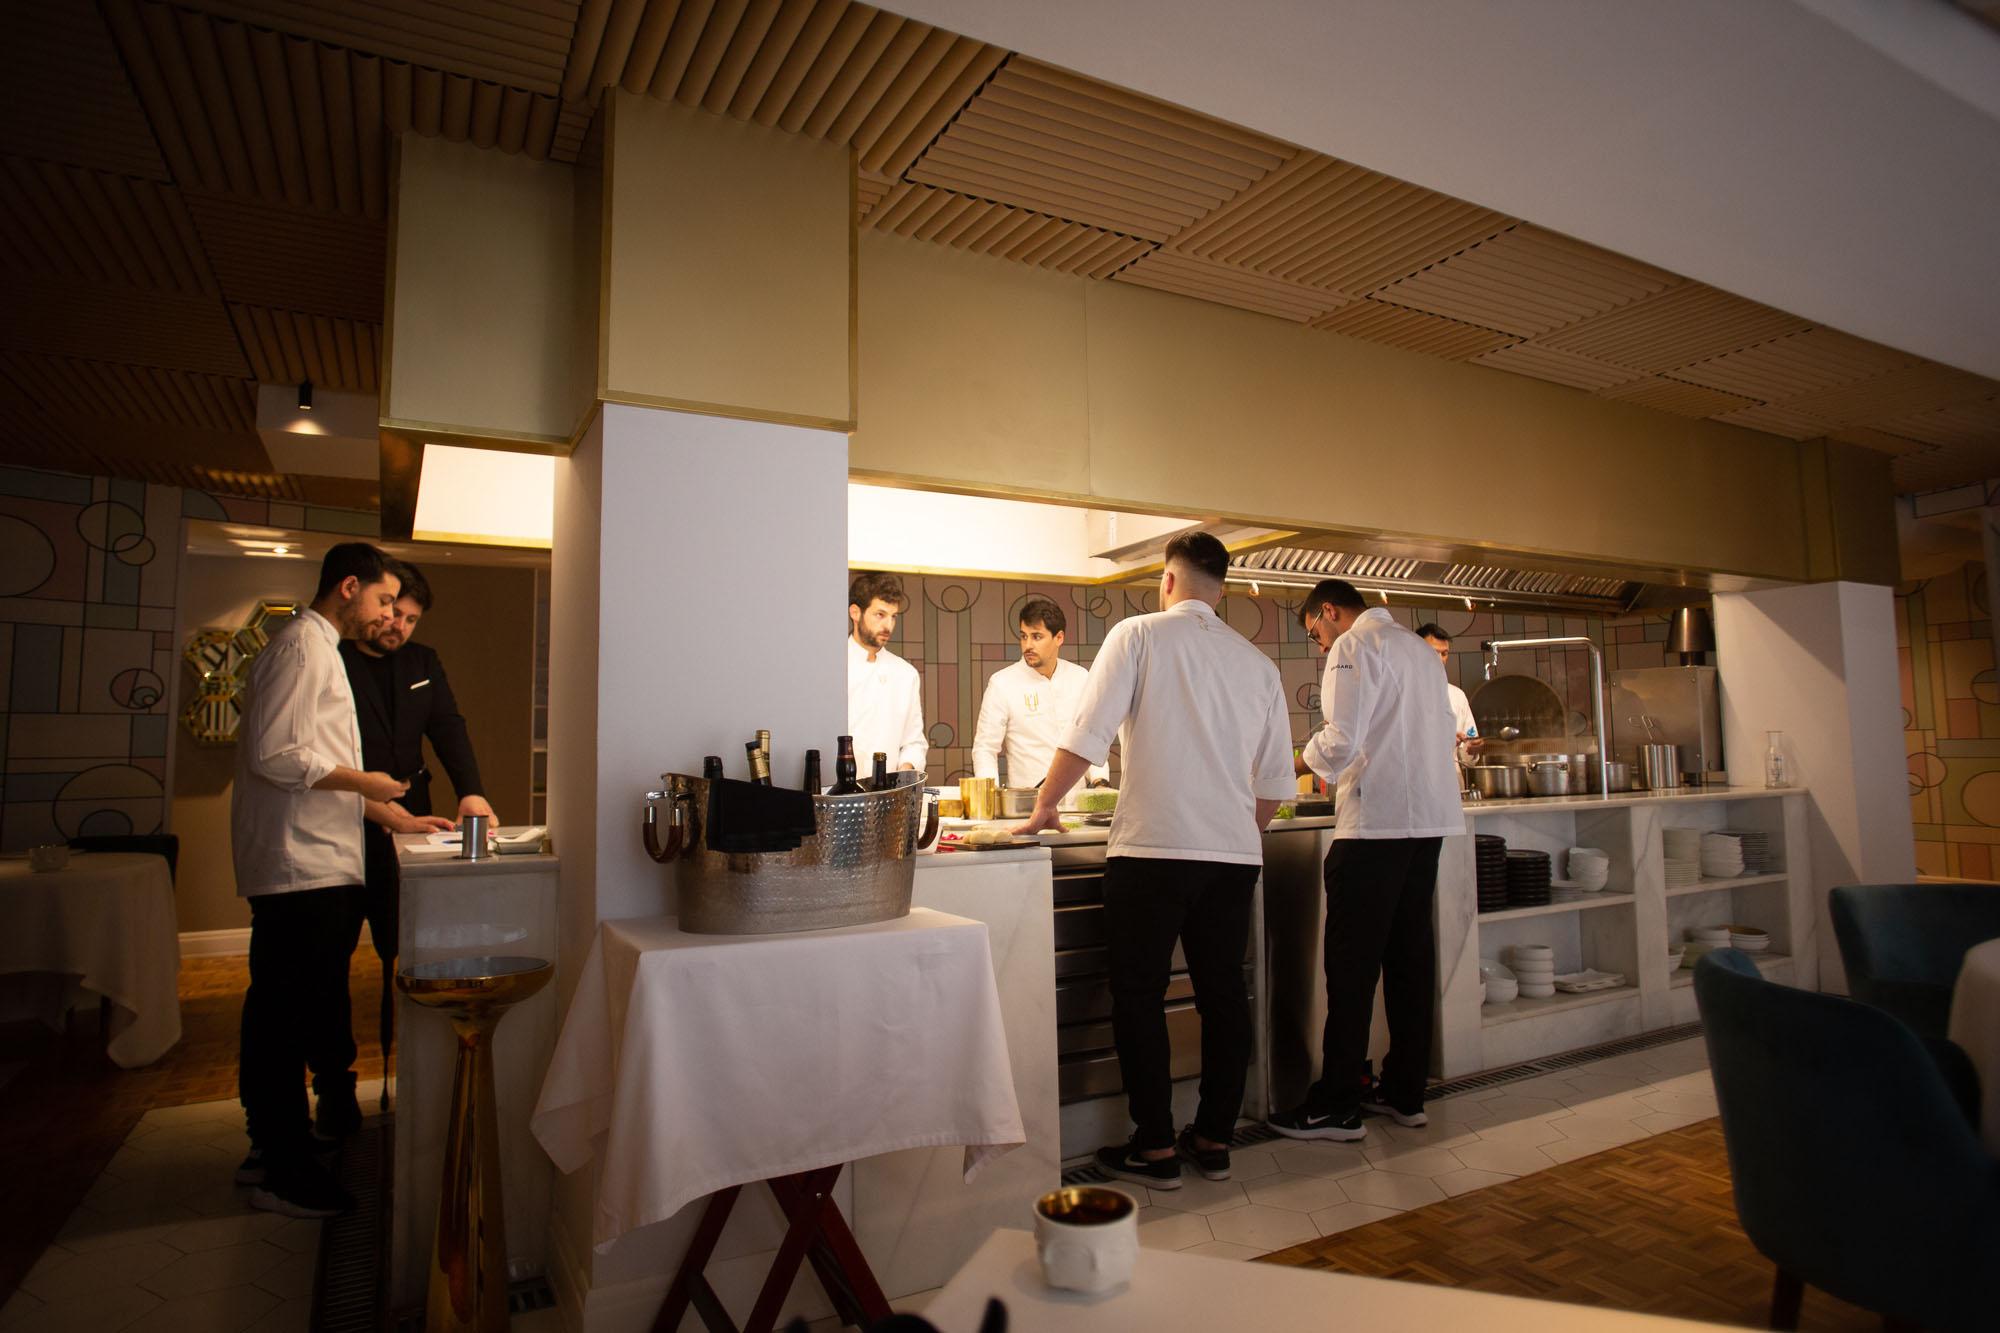 La cocina está integrada en el propio salón del restaurante.